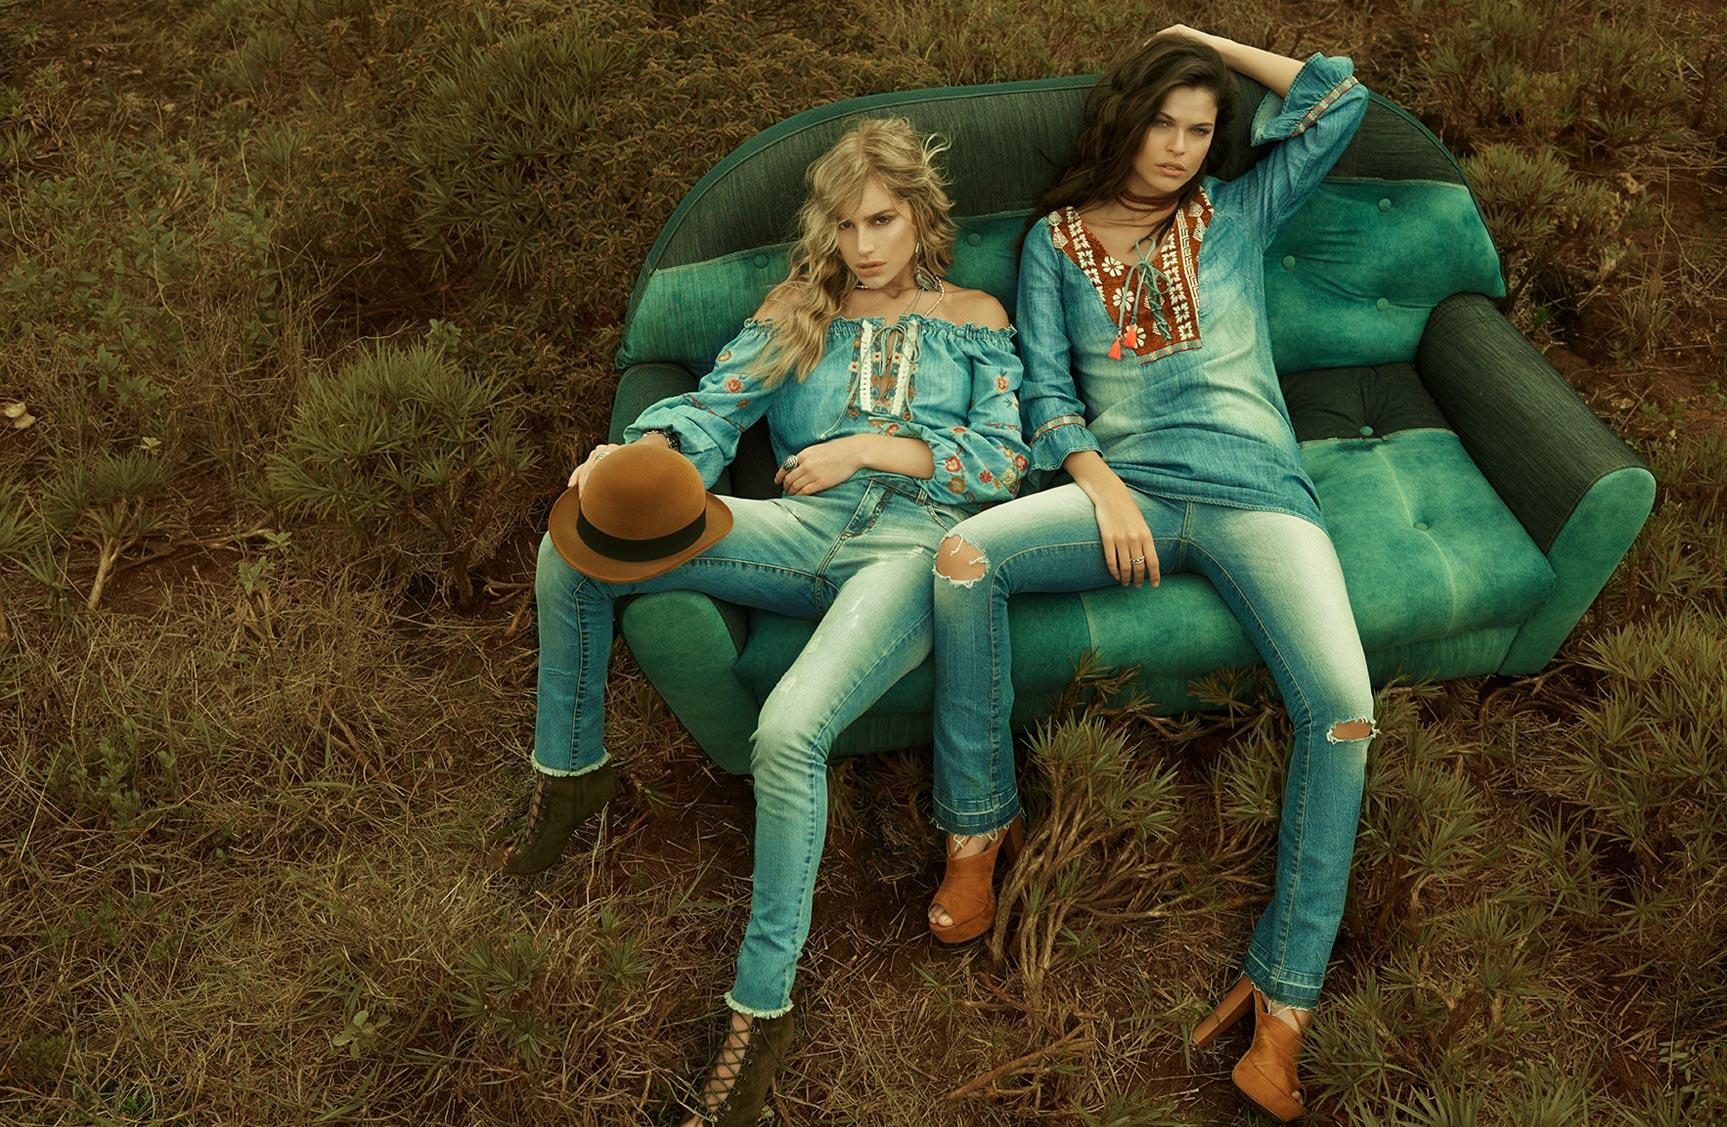 Две фотомодели в рекламной кампании одежды Claudia Rabelo Jeans / фото 01